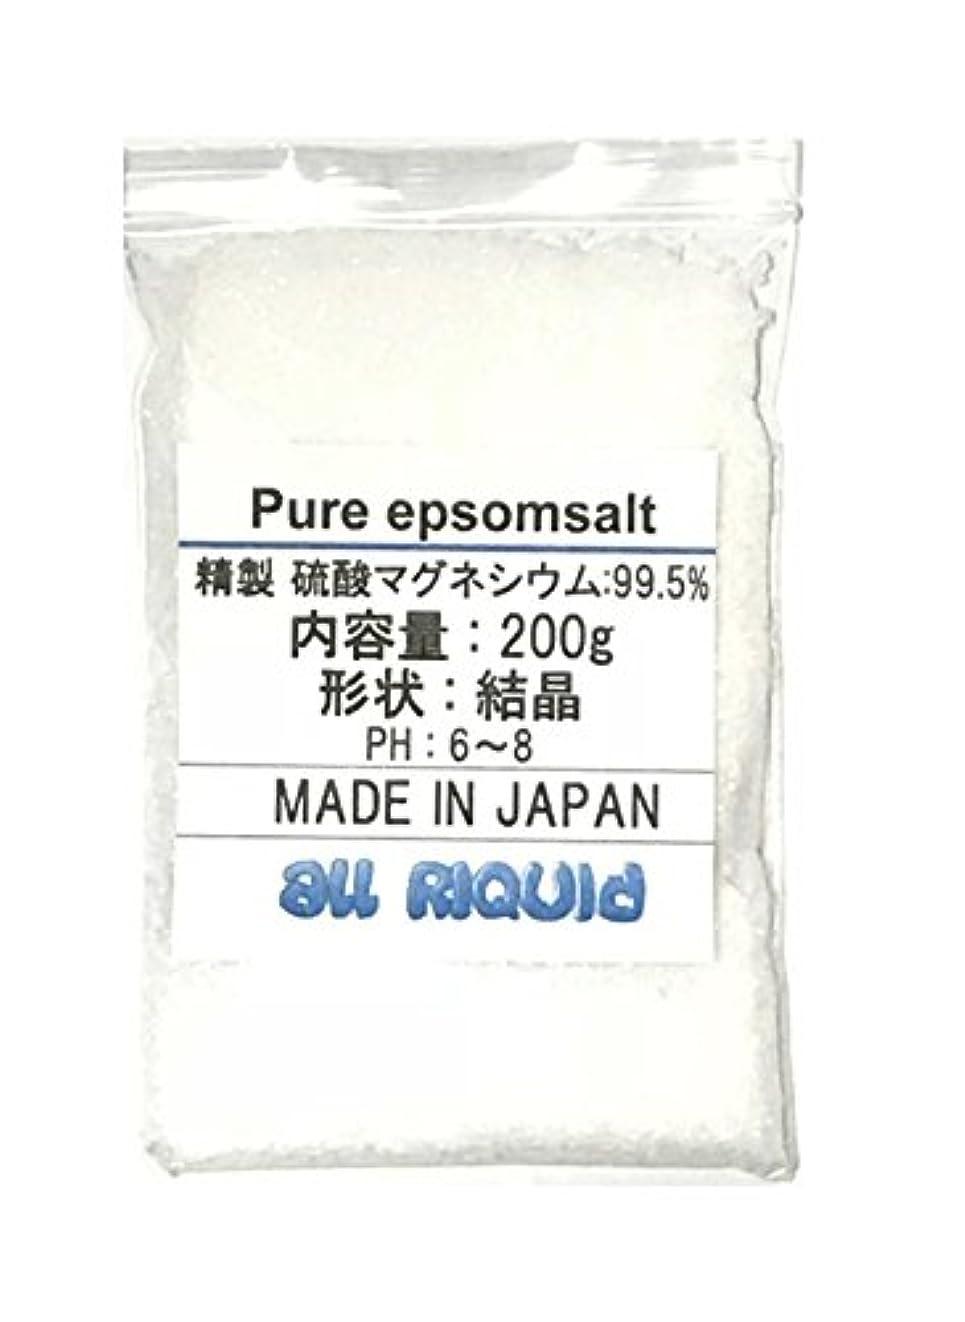 ウガンダ荷物起こりやすい純 エプソムソルト 200g x2 (硫酸マグネシウム) 2回分 99.5% 国産品 オールリキッド ジャスミンオイル配合